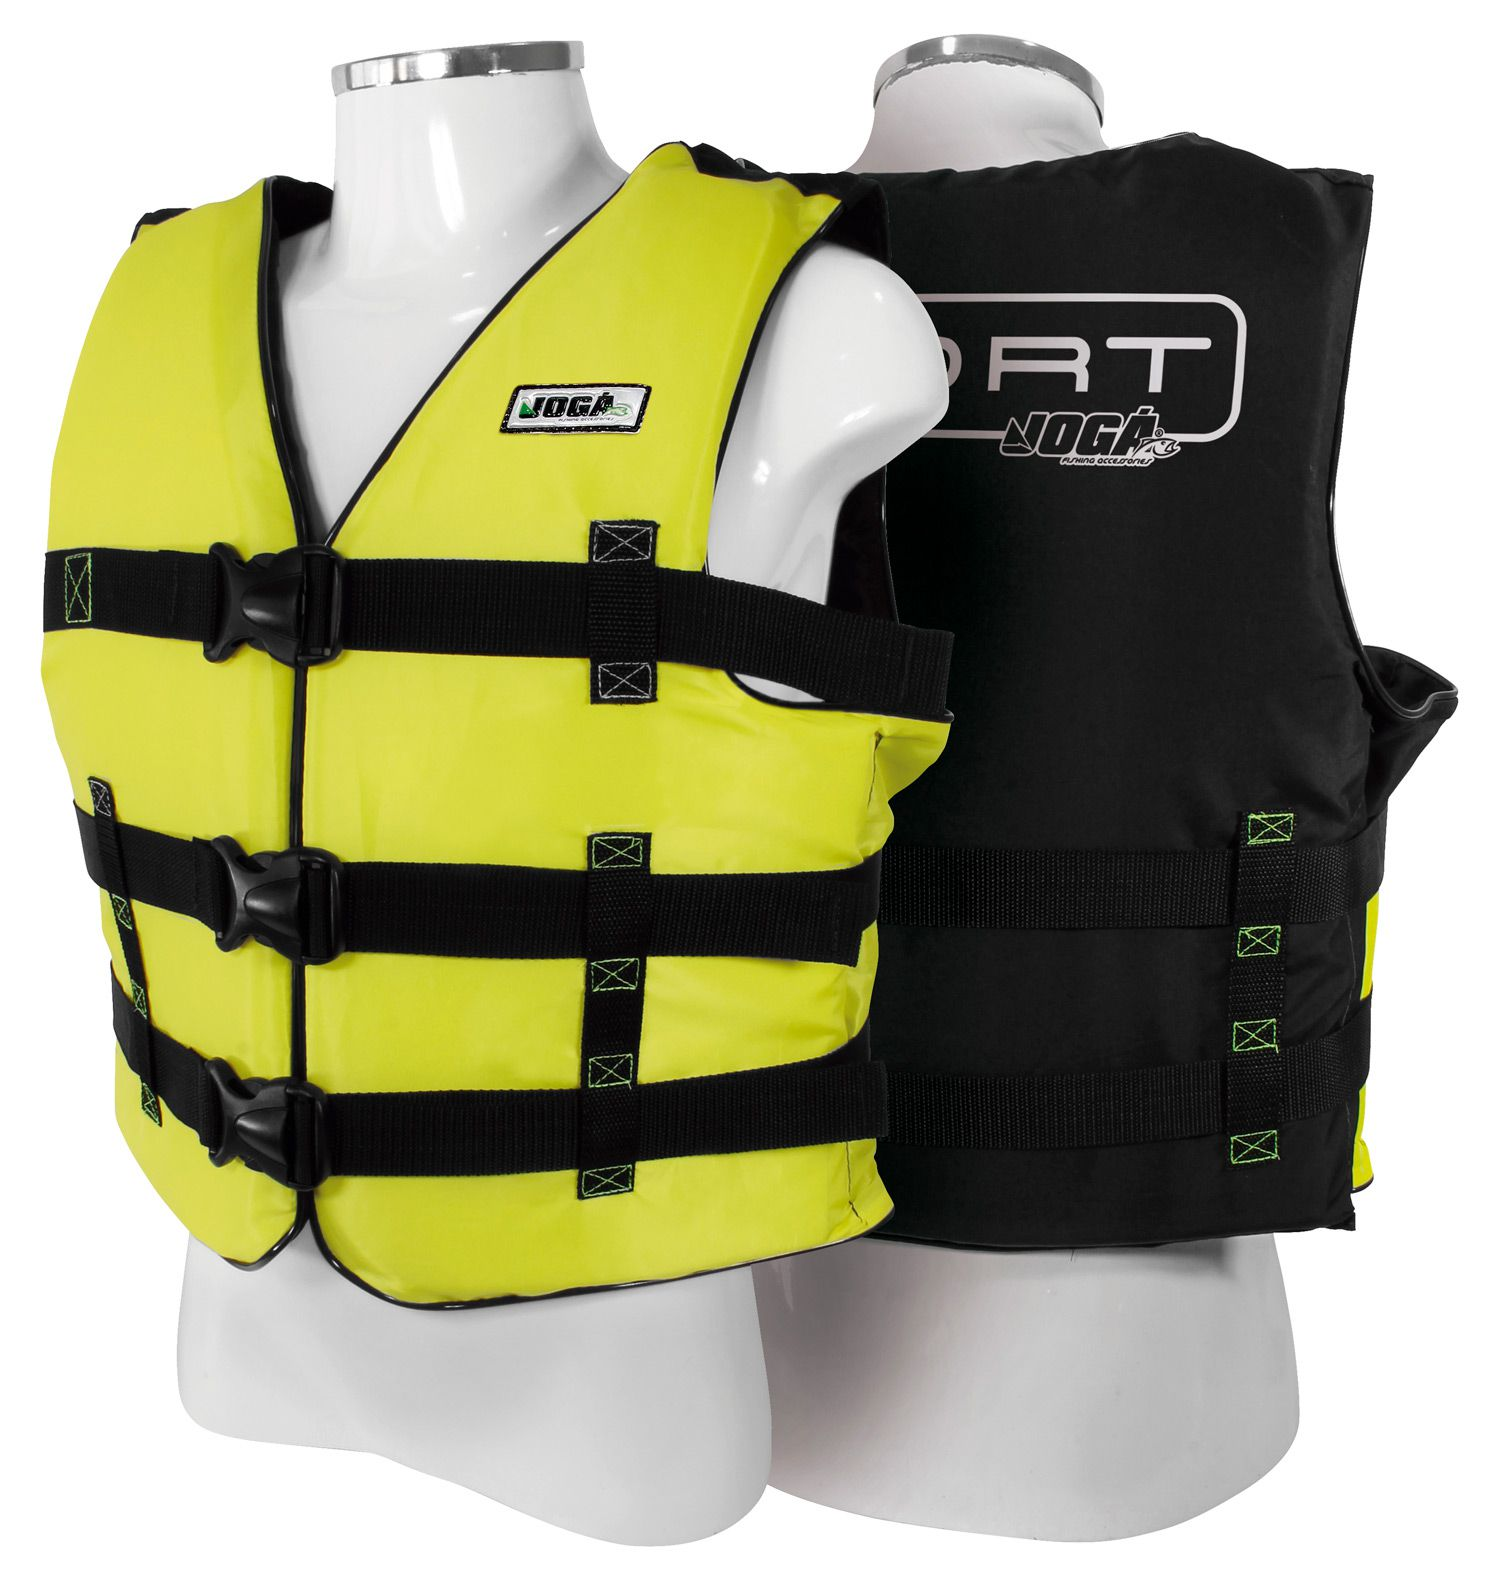 Colete Salva Vidas Jogá Homologado Classe 5 Sport - M (35kg a 55kg)  - Life Pesca - Sua loja de Pesca, Camping e Lazer